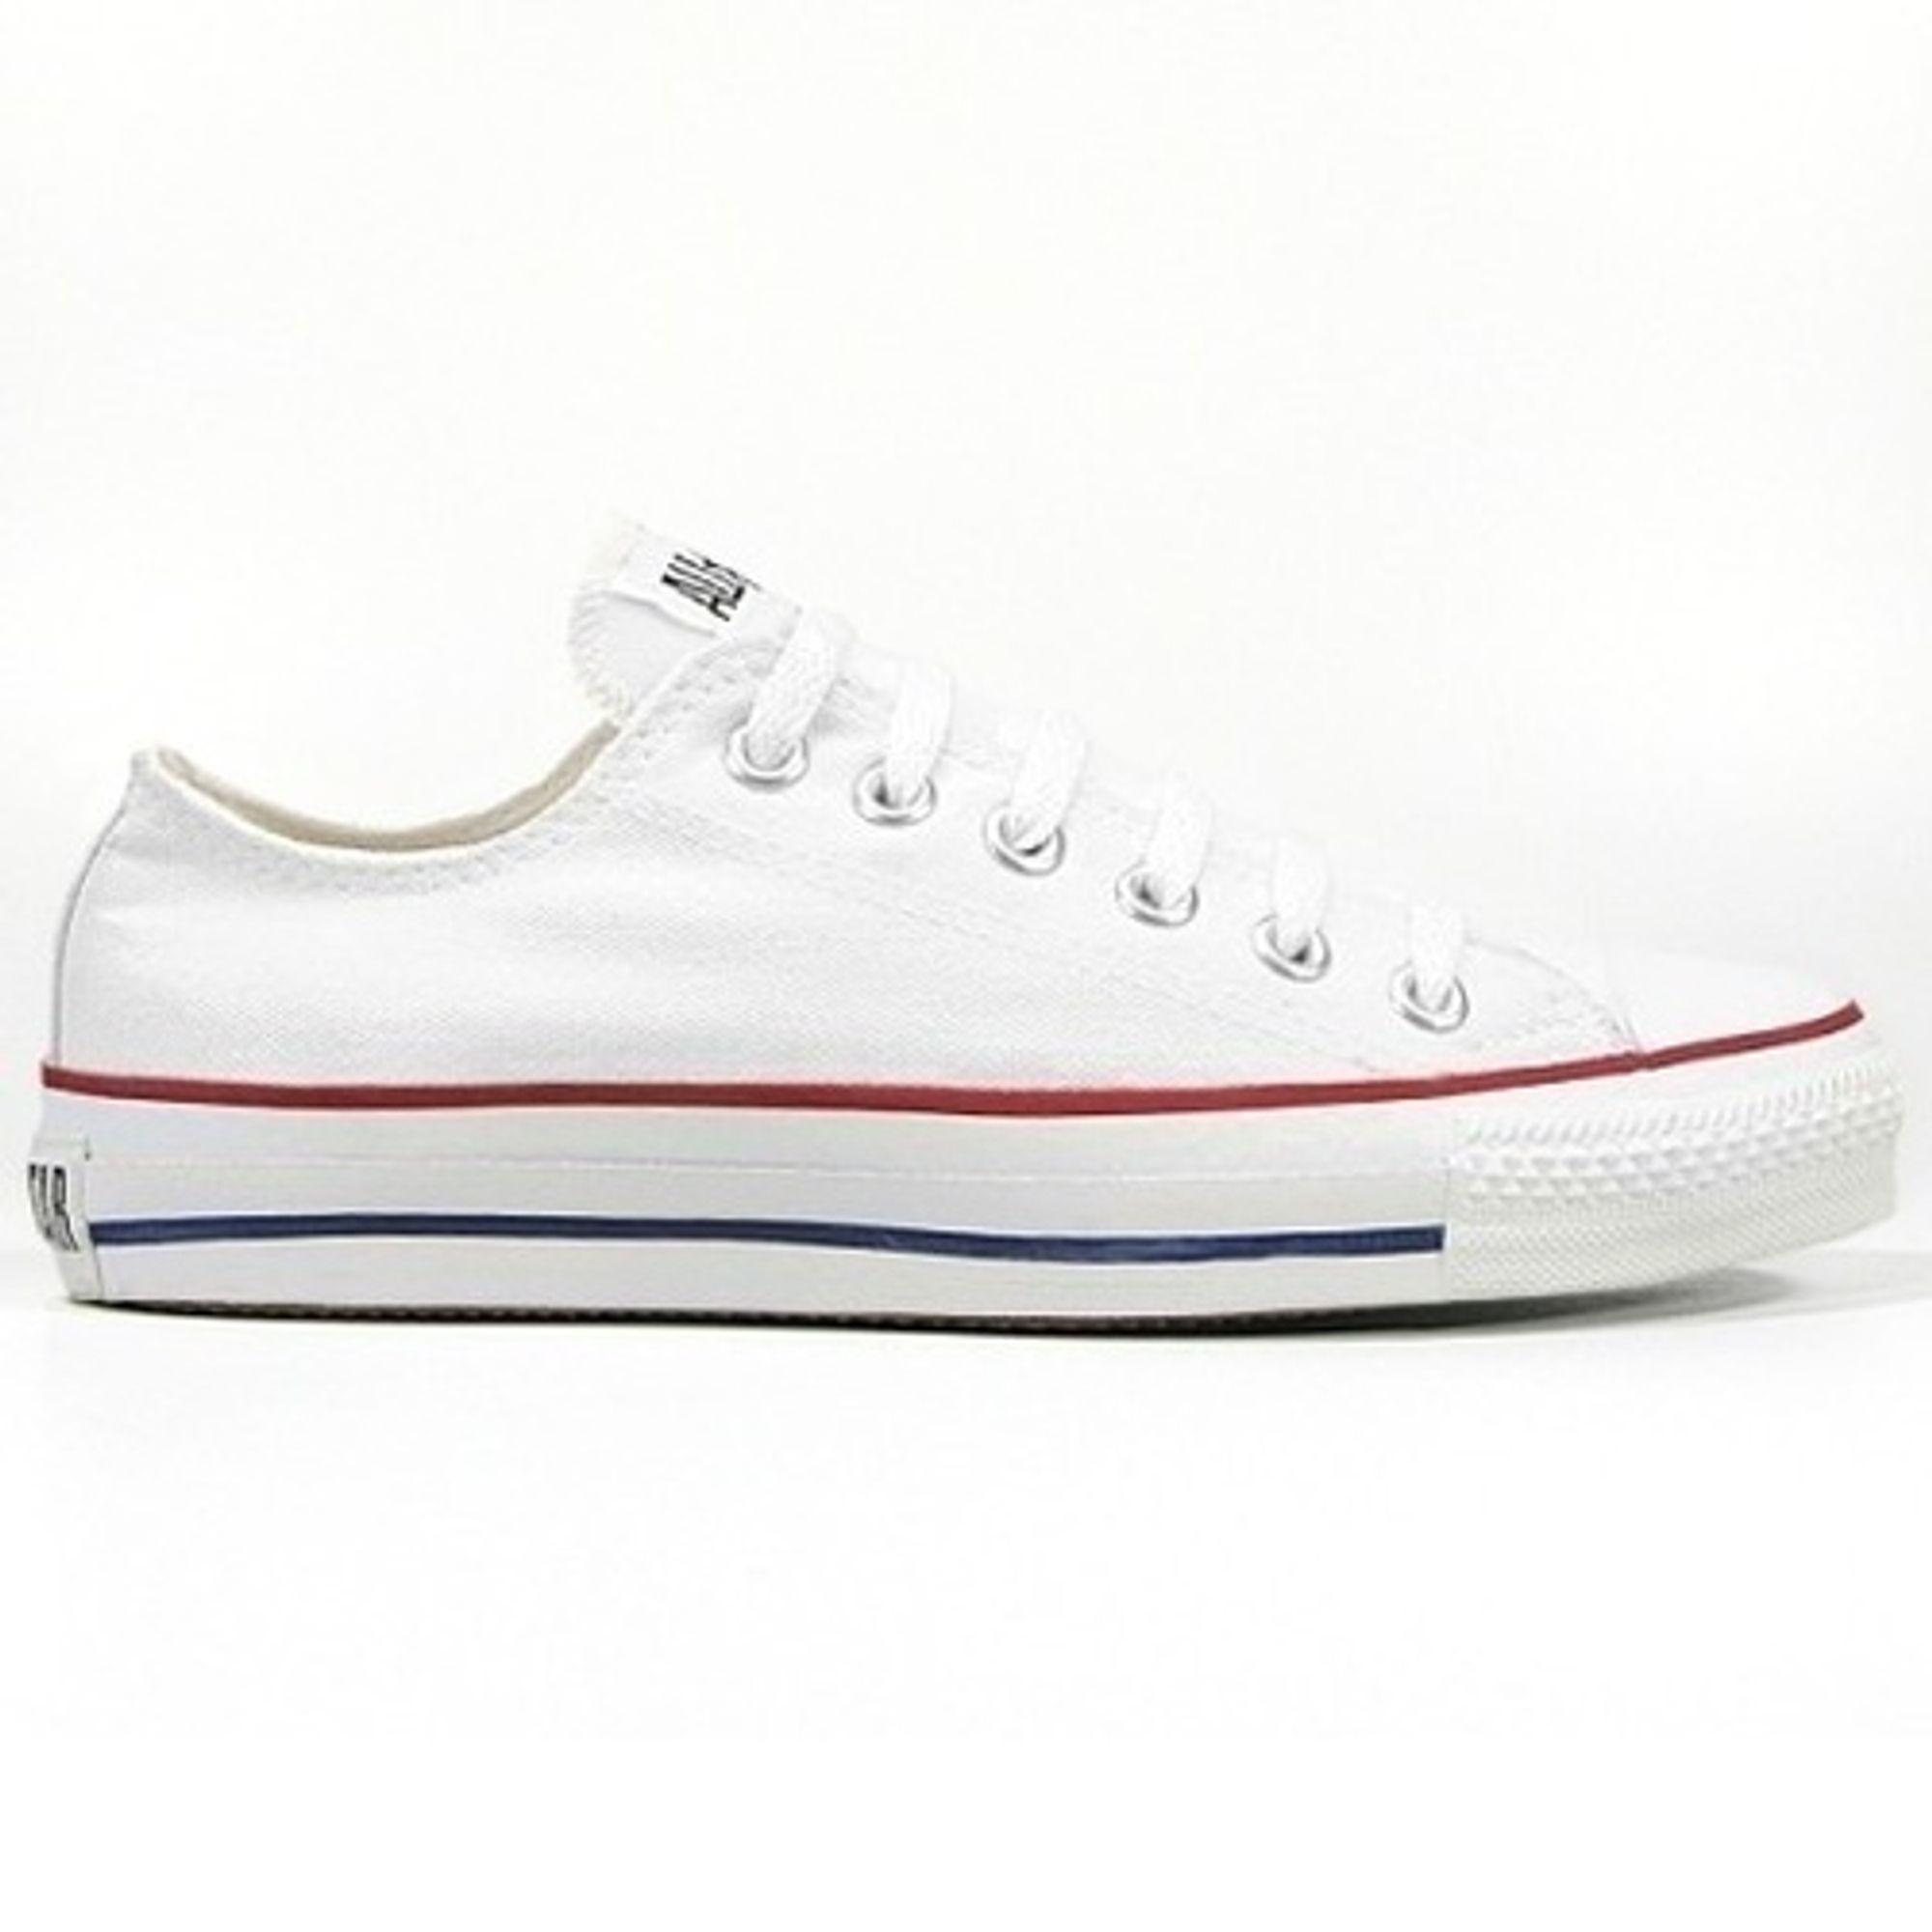 Converse Herren Schuhe All Star Ox Weiß M7652C Turnschuhe Chucks Gr. 45 Weiß